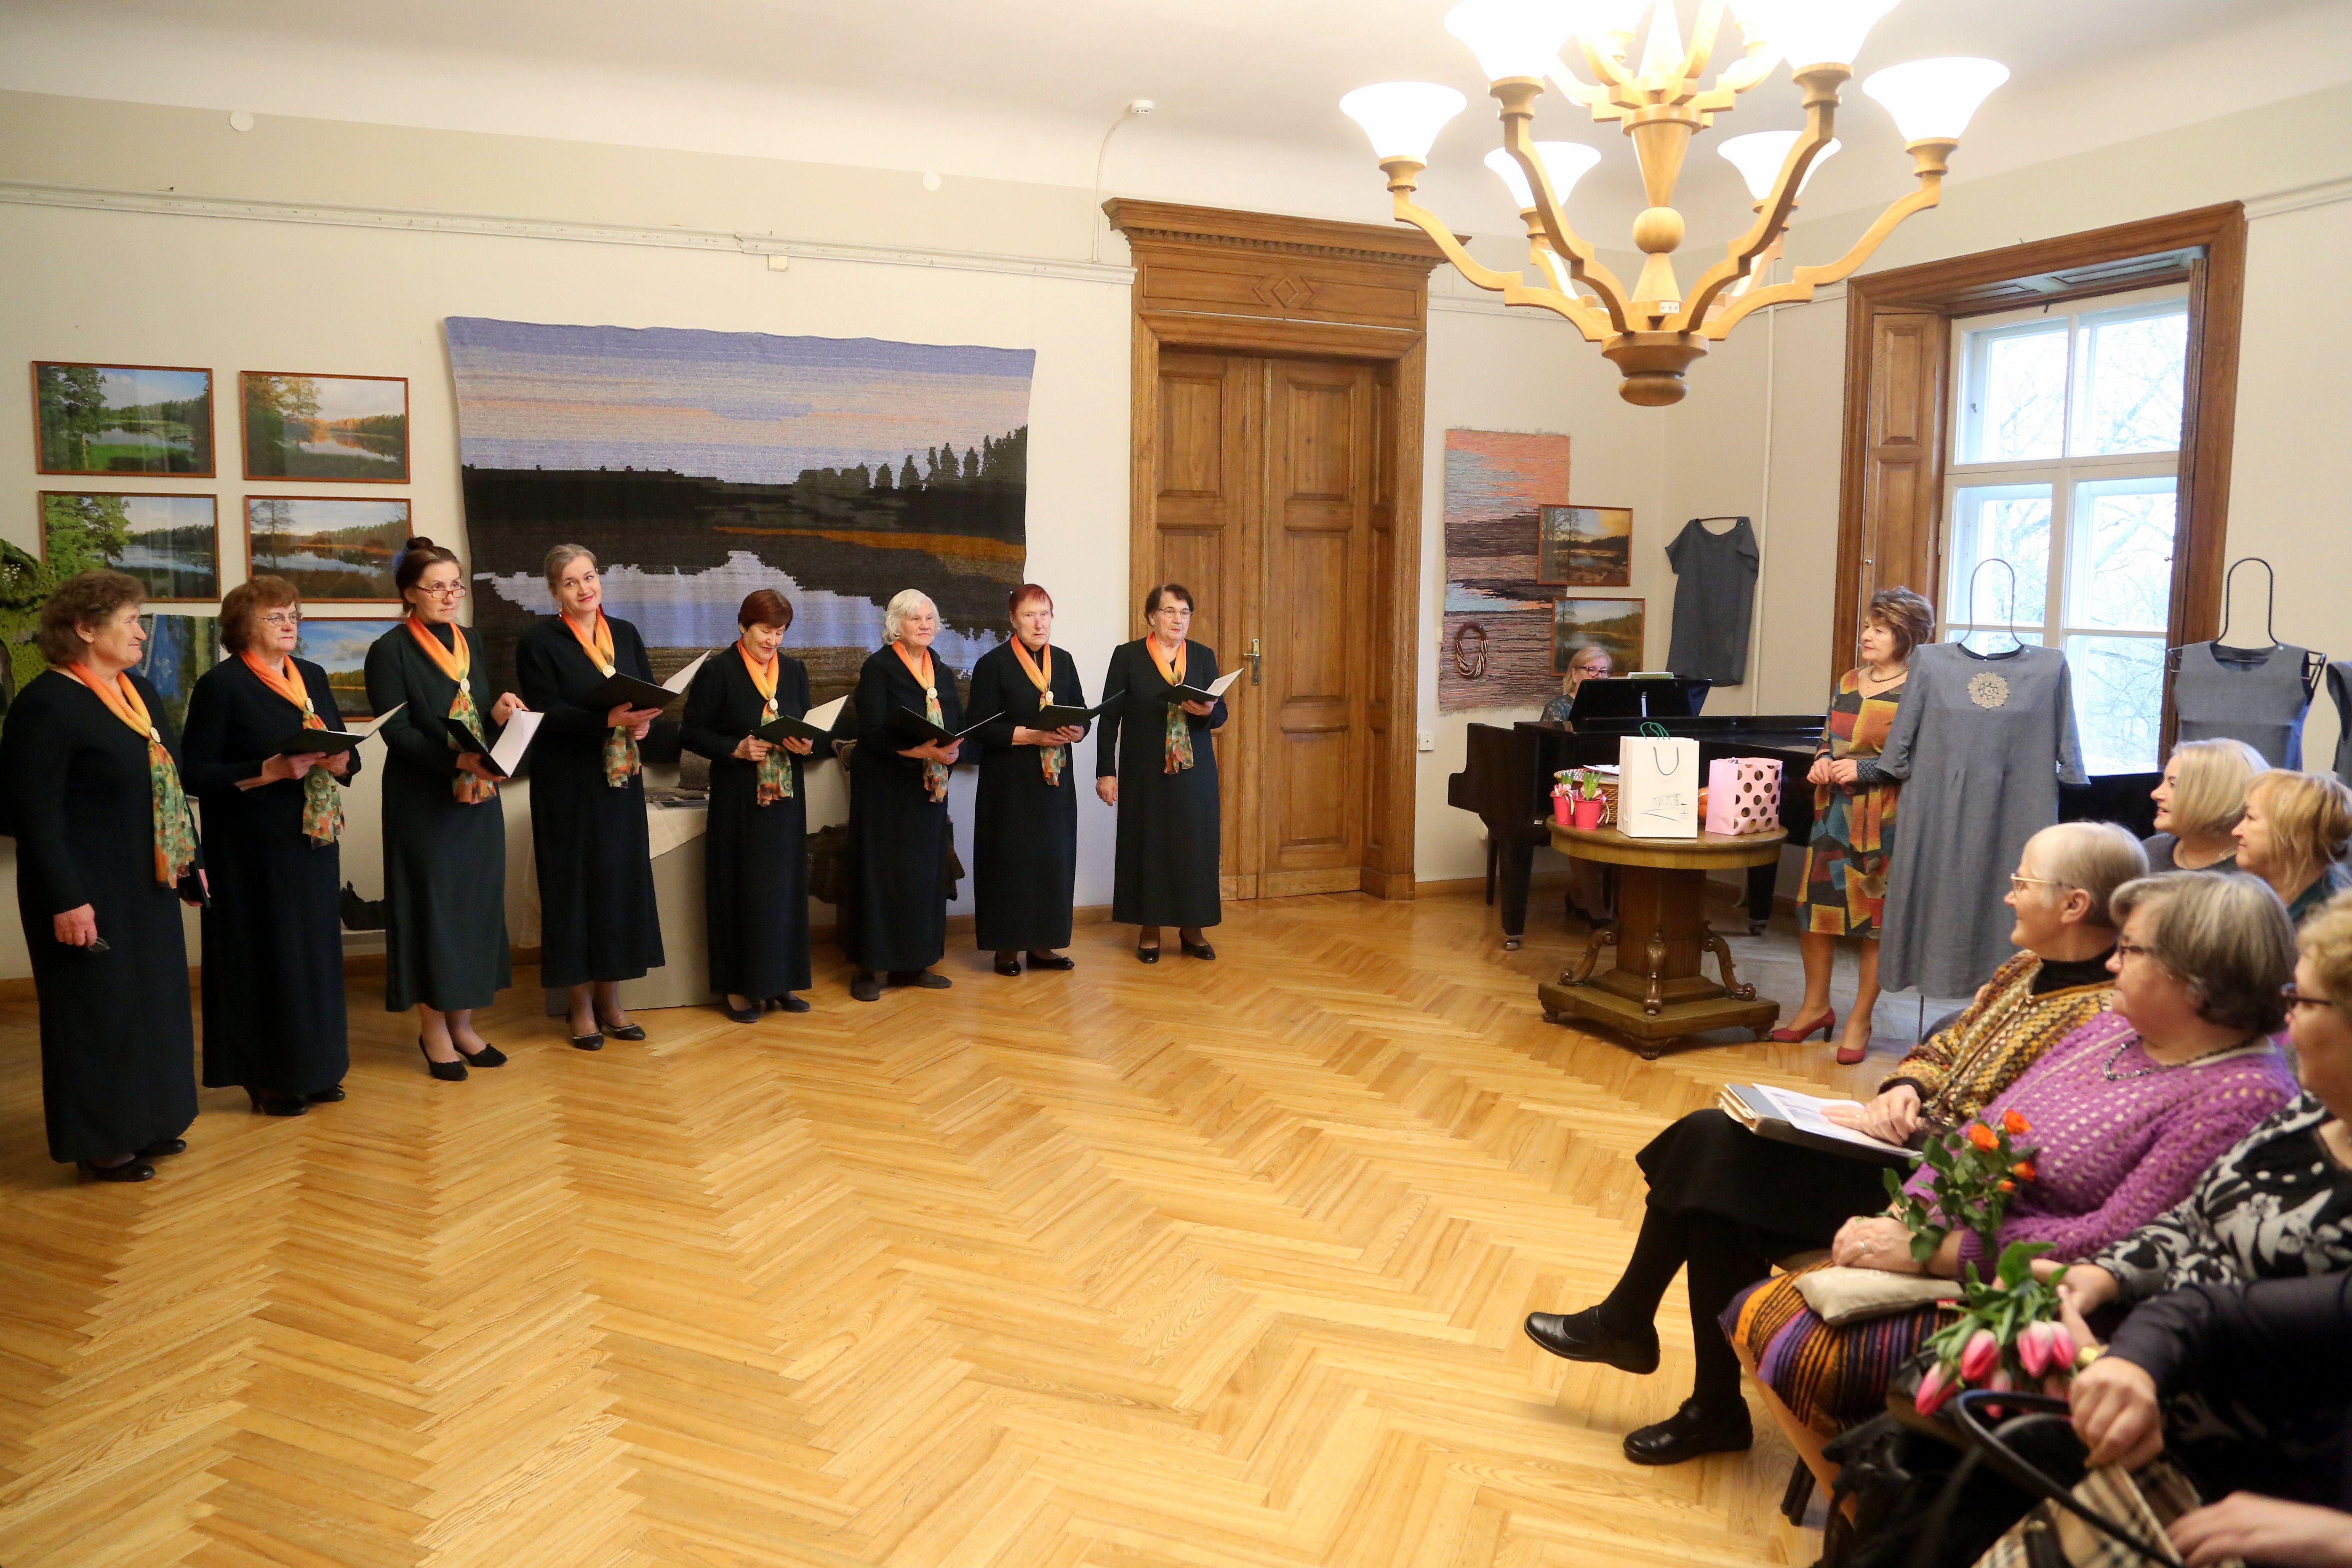 """Uzstājas Vandzenes tautas nama sieviešu senioru vokālais ansamblis """"Ozolzeme"""", pie klavierēm - vadītāja Īra Vēbere."""